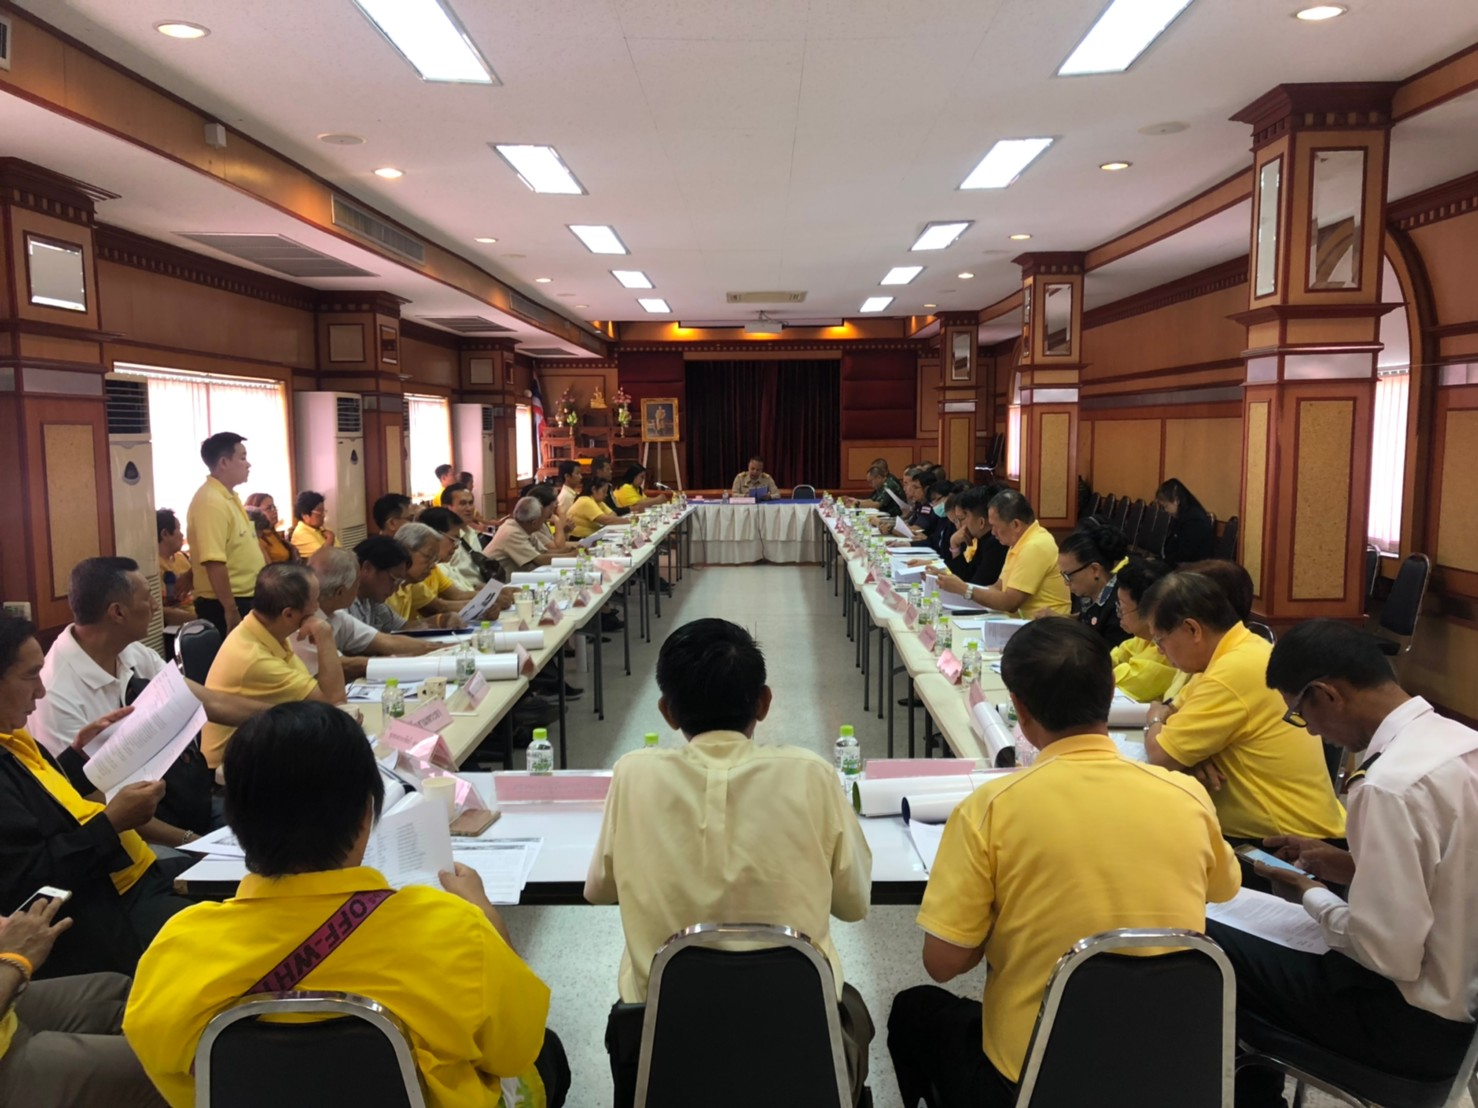 ประชุมคณะกรรมการชุมชนเขตพระนคร